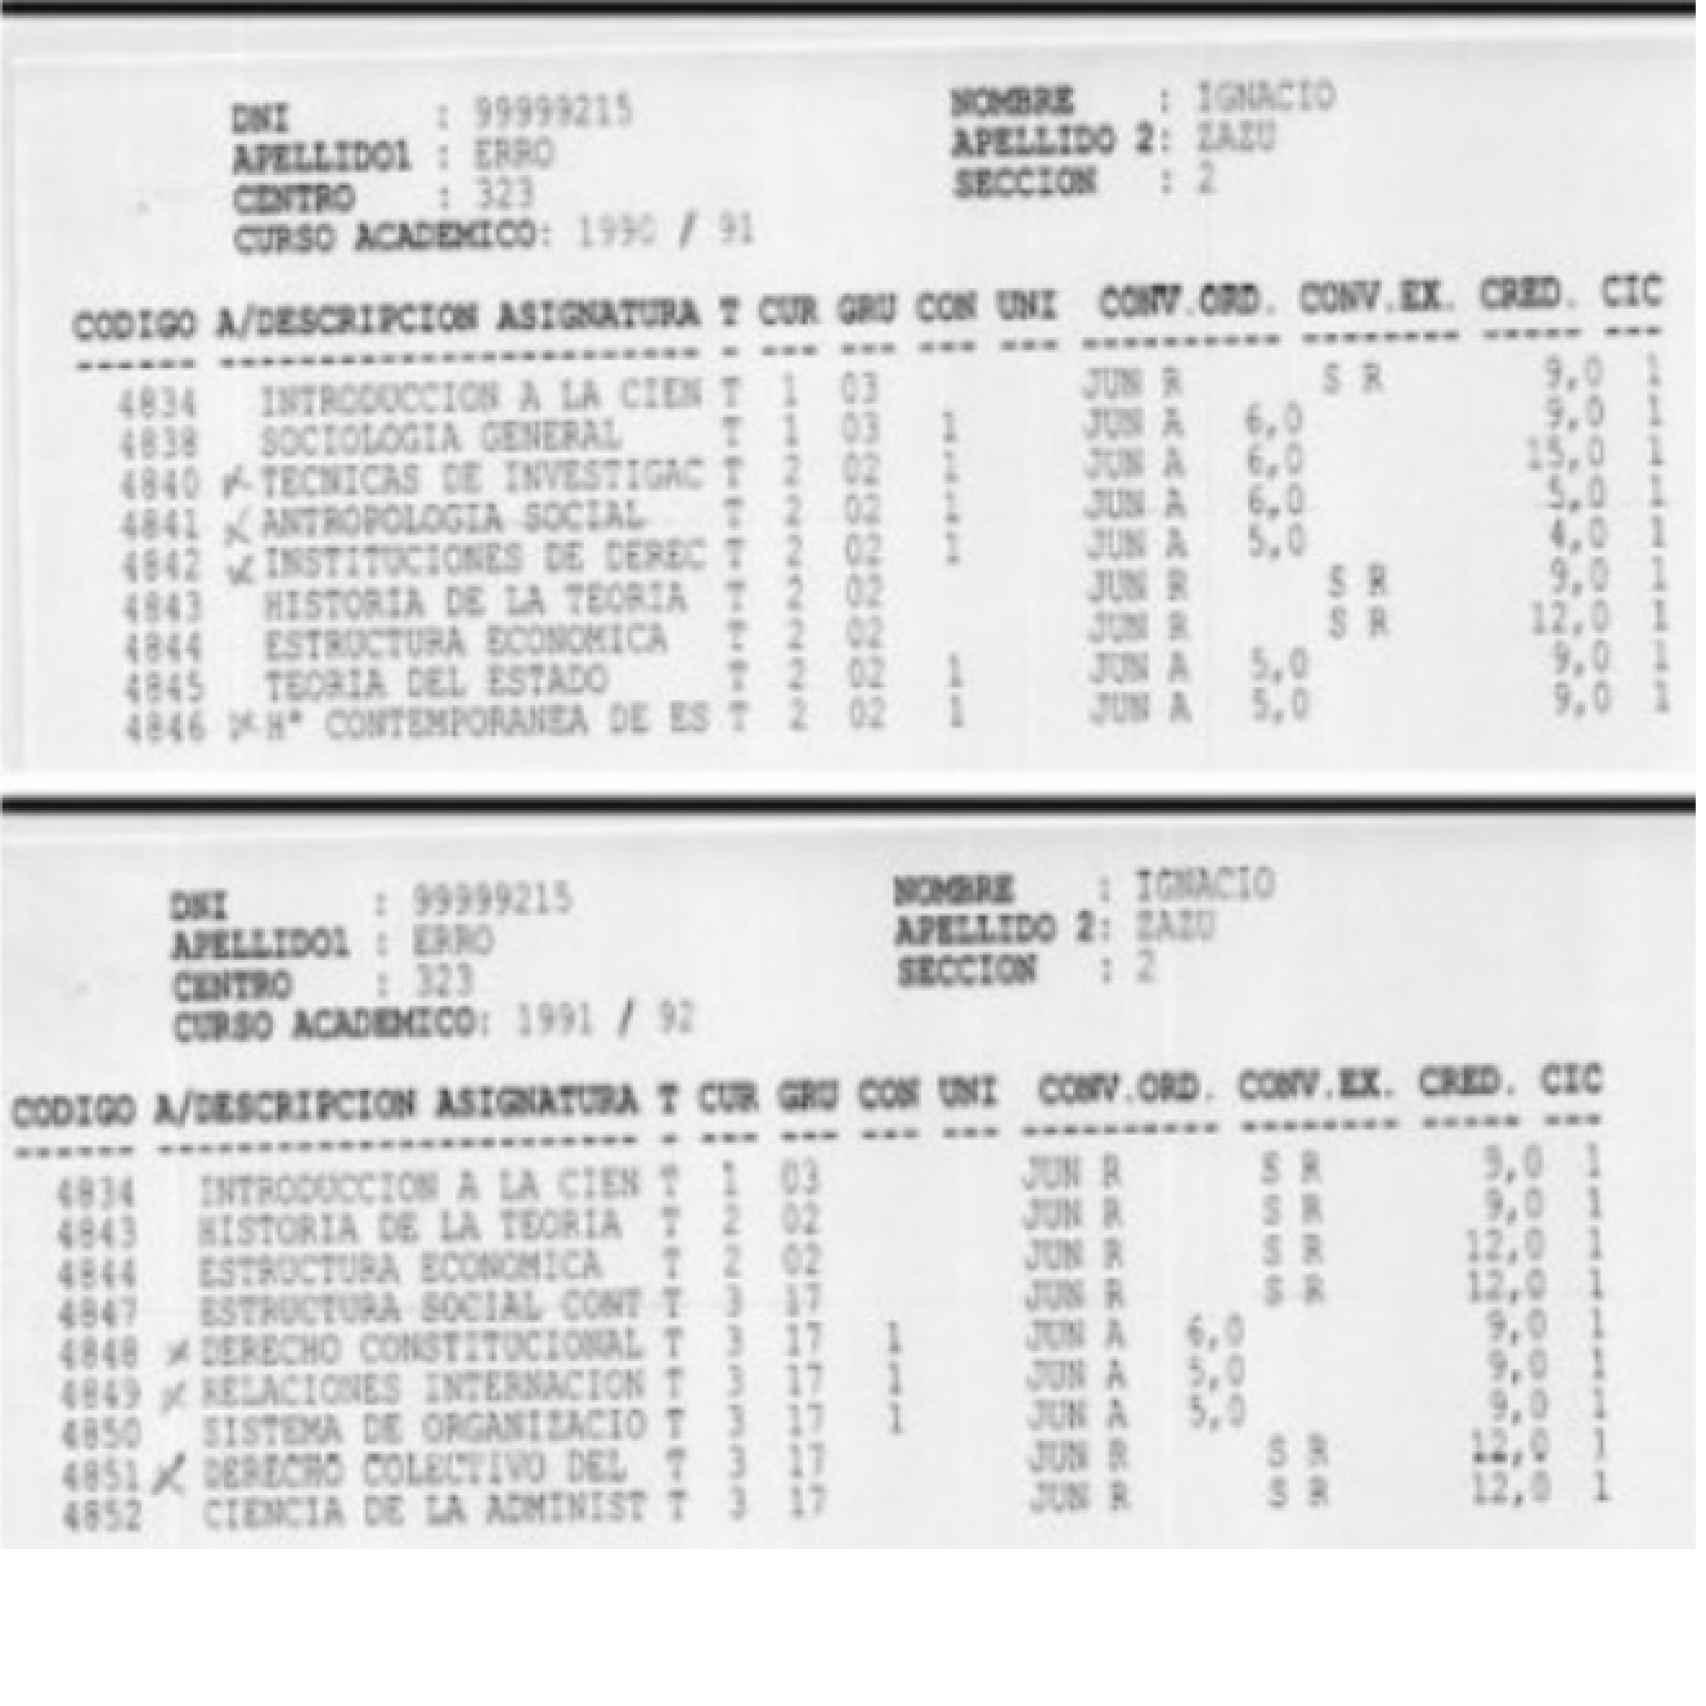 Resguardo de las calificaciones de Ignacio Erro Zazu con DNI falso.